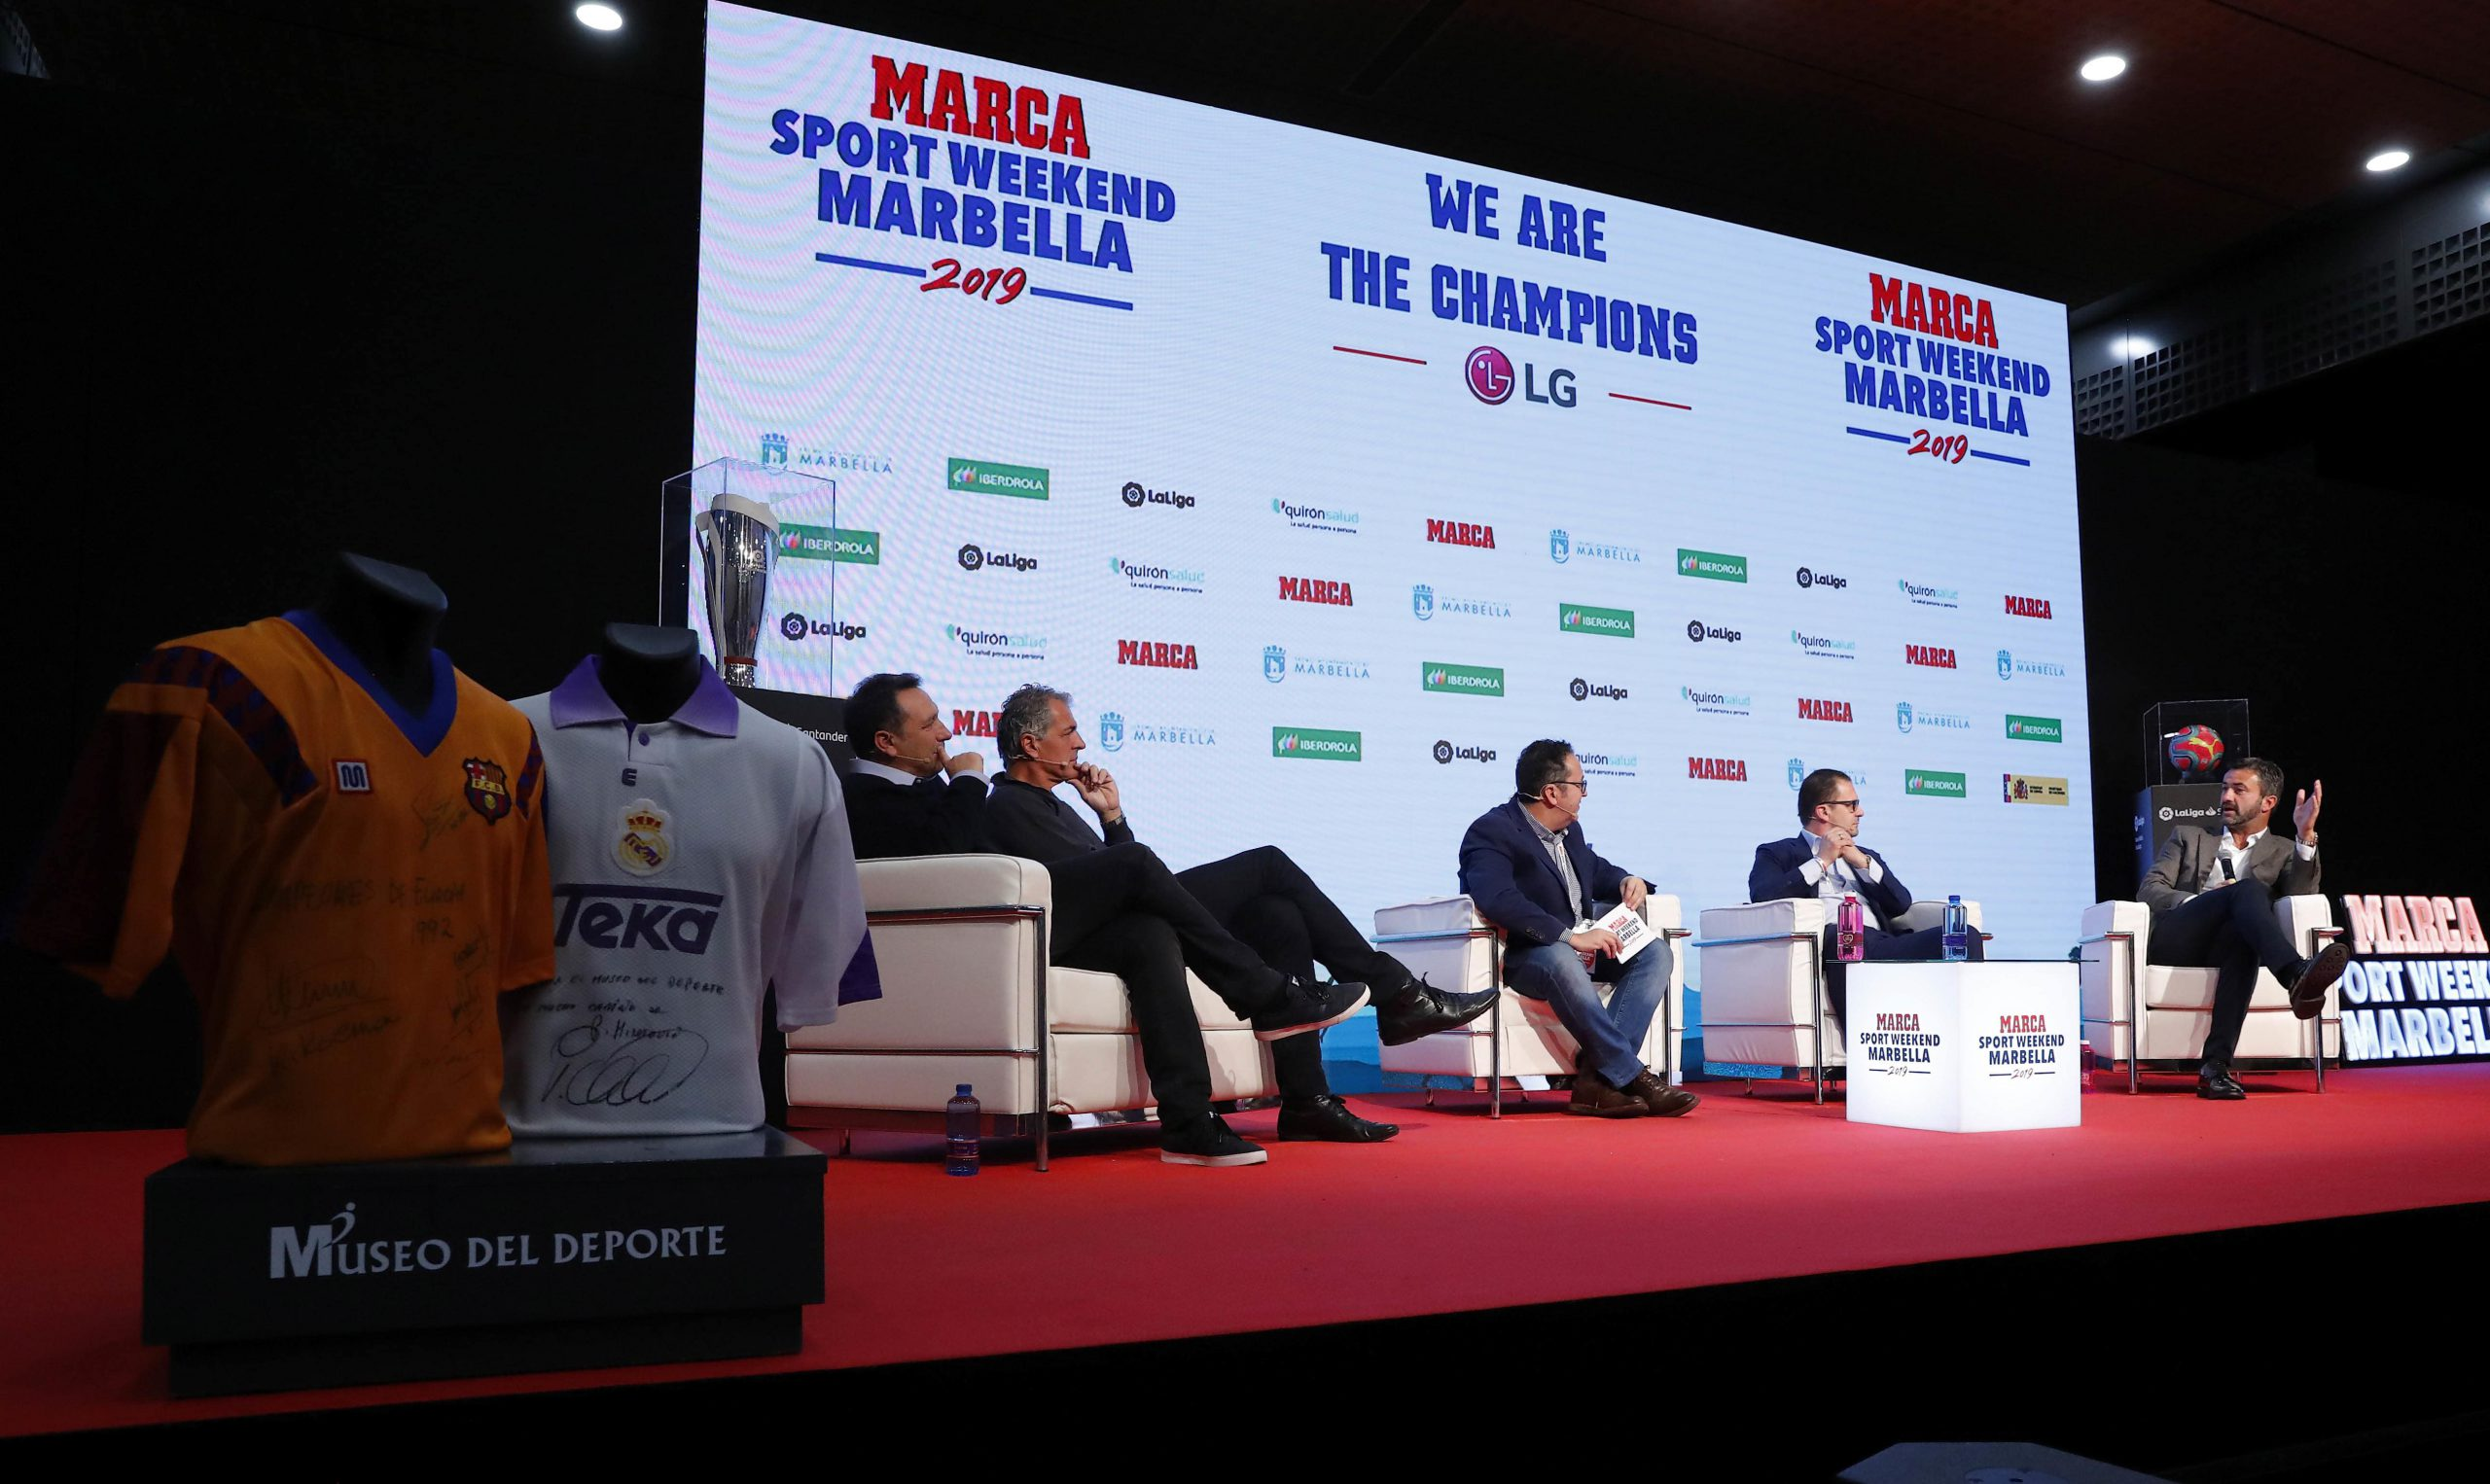 Marca Sport Weekend finaliza su fin de semana deportivo en Marbella